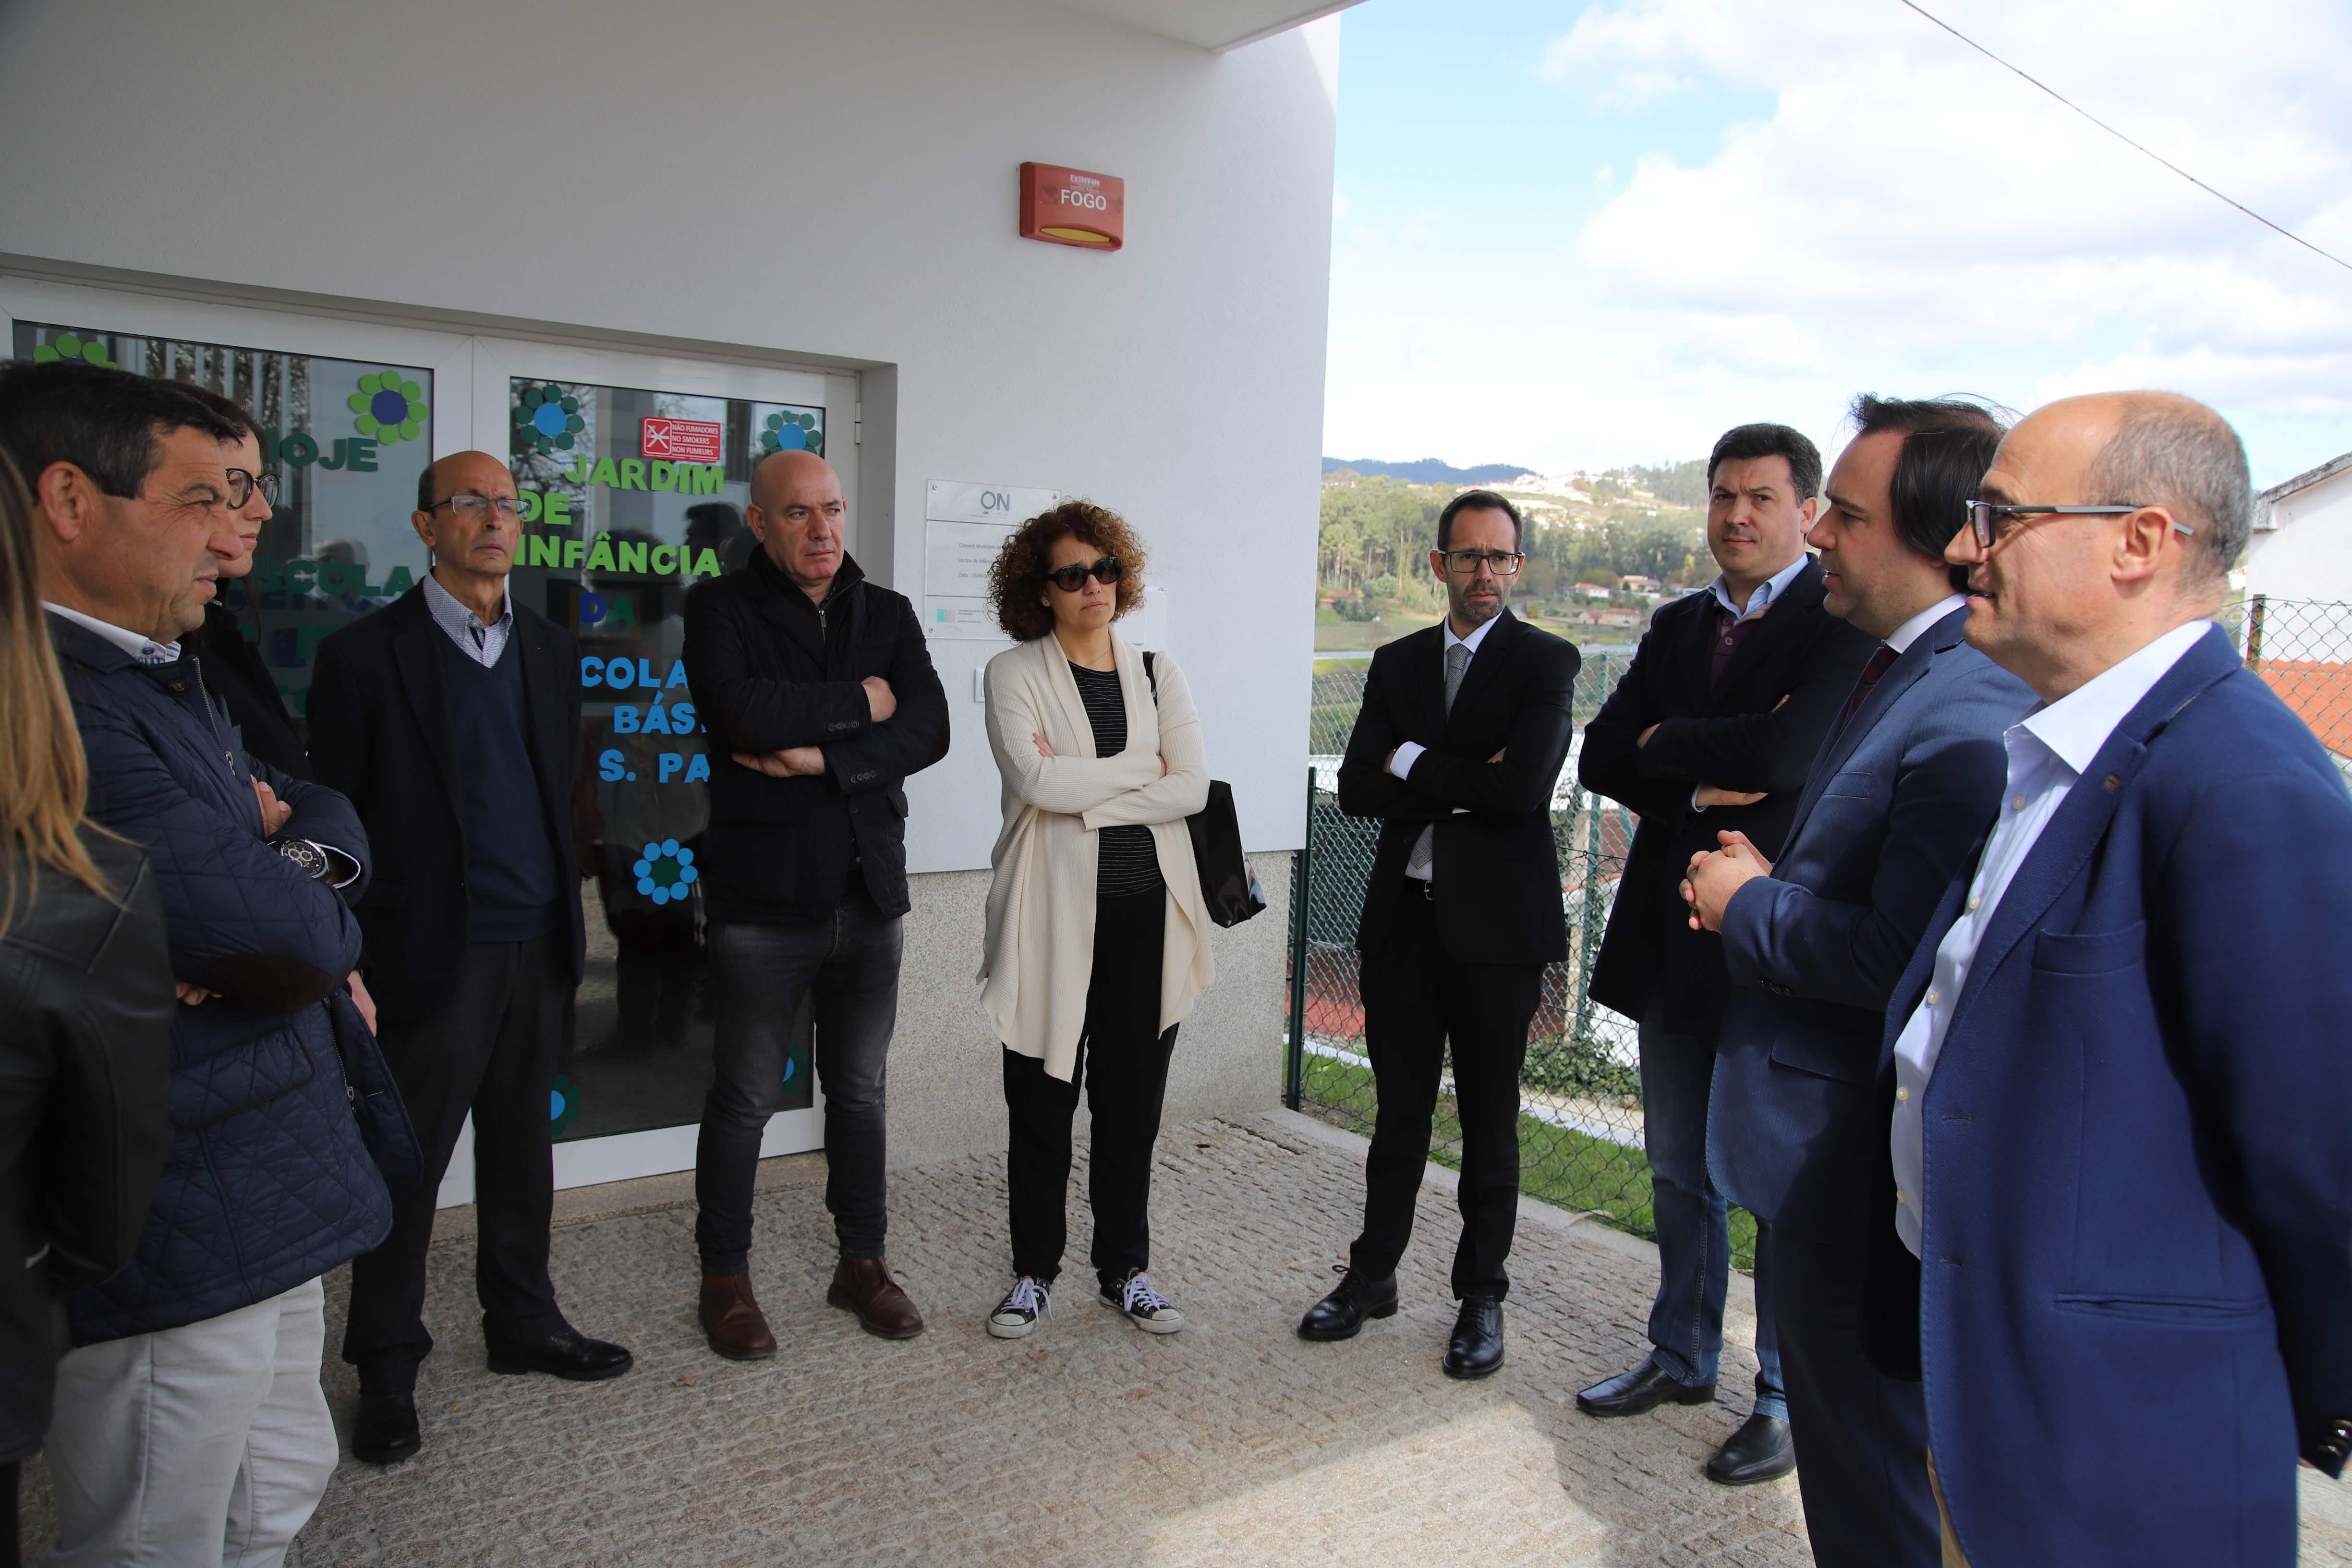 Executivo visitou Jardim de Infância de S. Paio